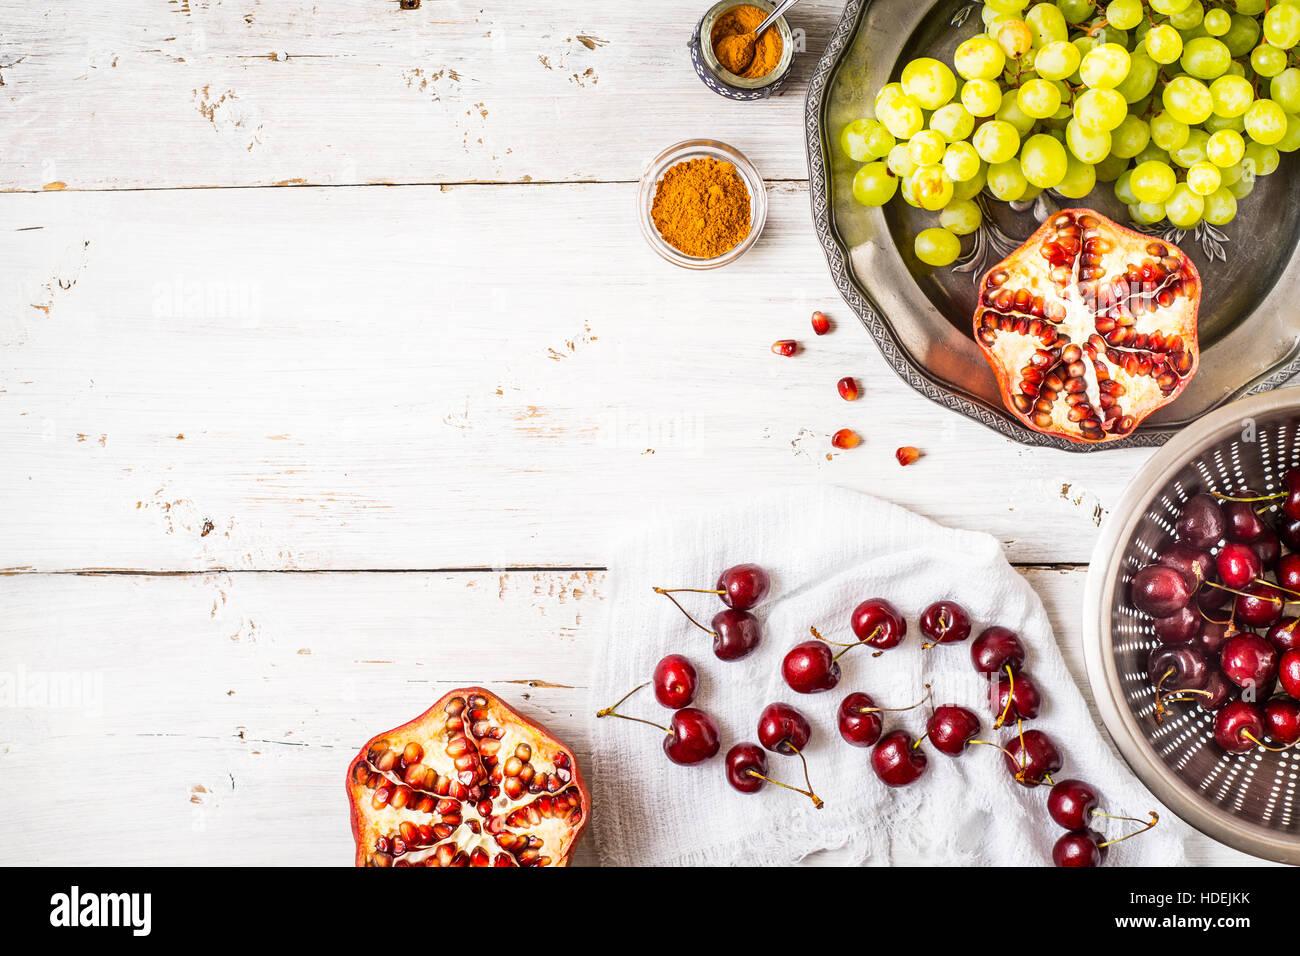 Différents fruits et d'épices sur la table en bois blanc. Concept de fruits orientaux Banque D'Images